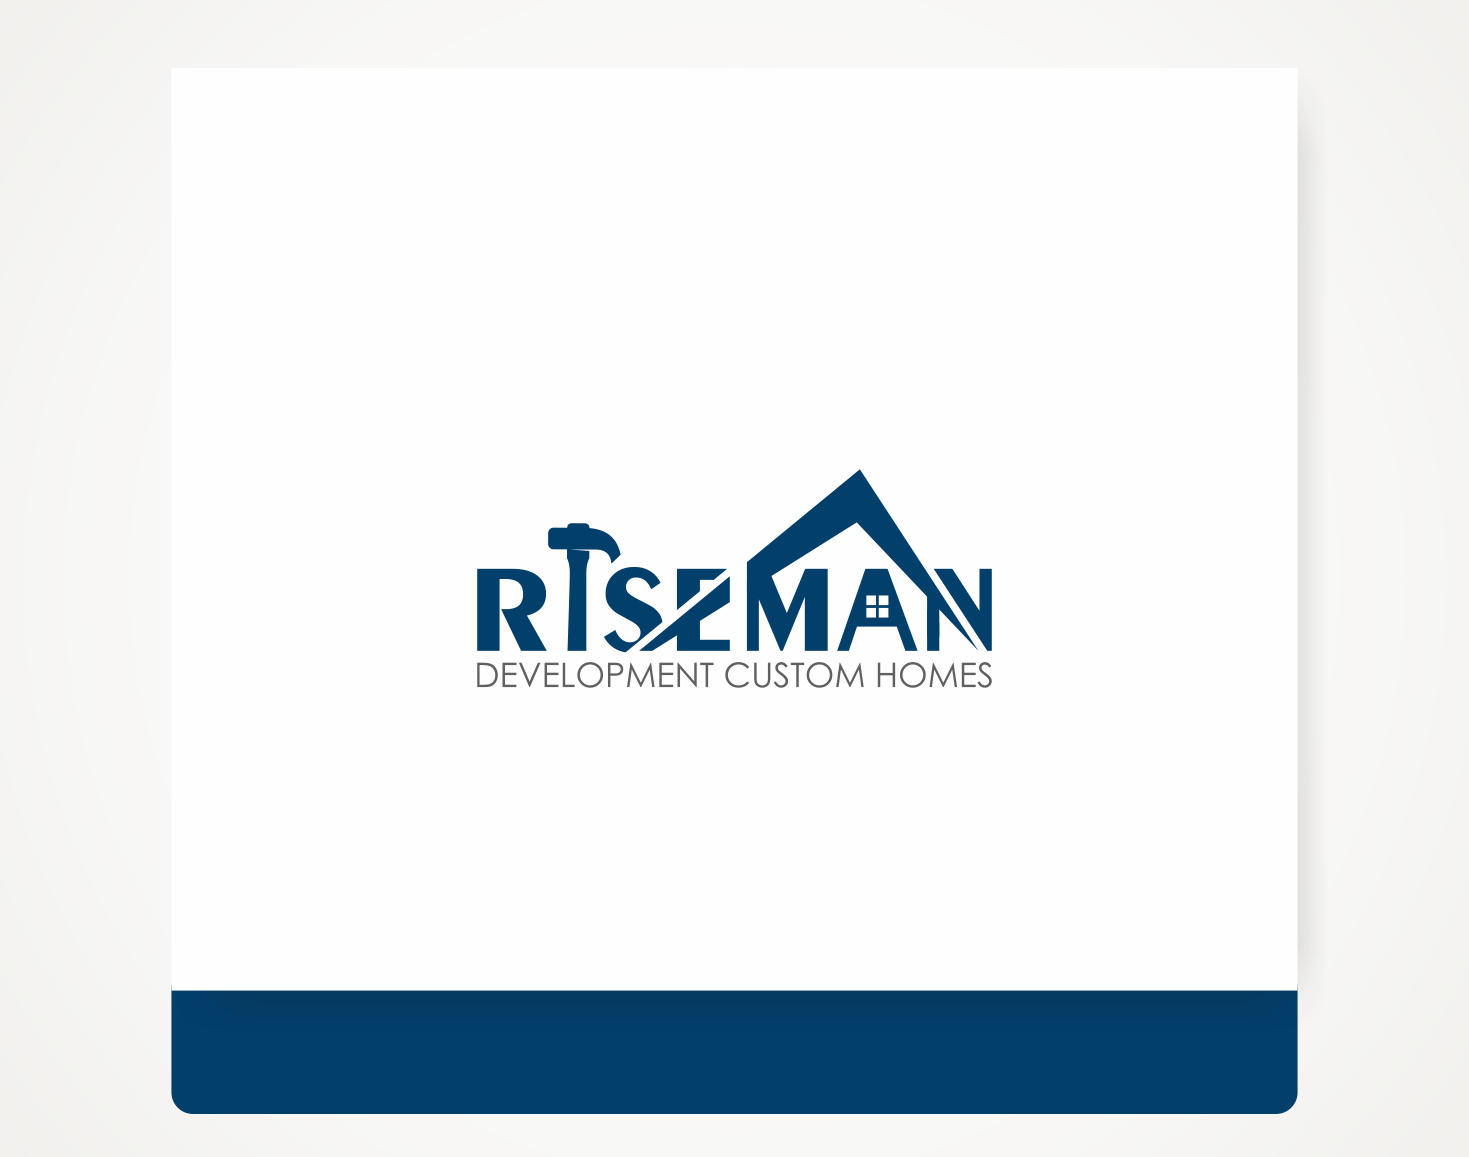 Modern, Upmarket, Home Builder Logo Design for Riseman Development ...